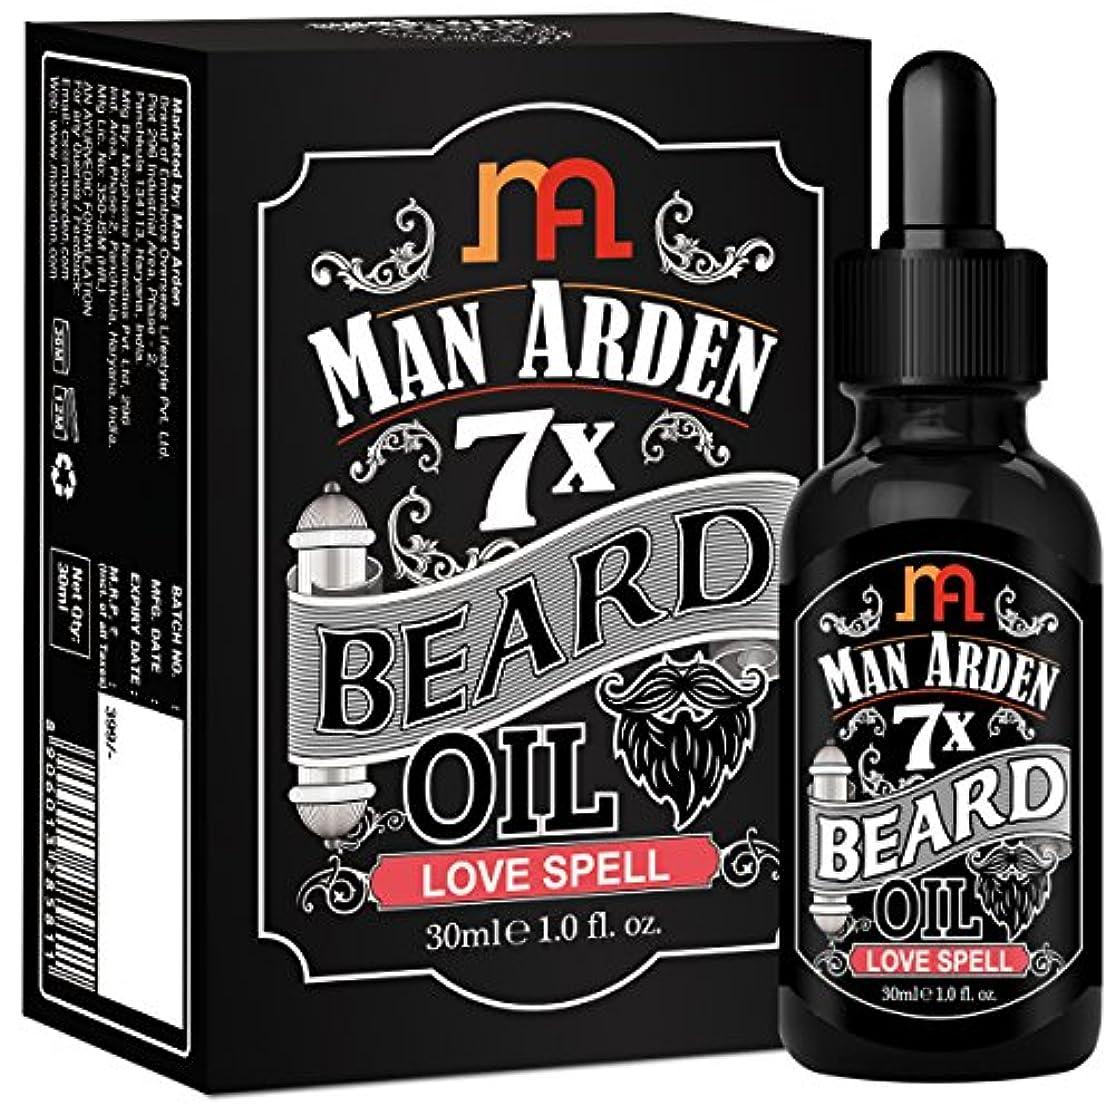 膨らませる特別なパステルMan Arden 7X Beard Oil 30ml (Love Spell) - 7 Premium Oils Blend For Beard Growth & Nourishment